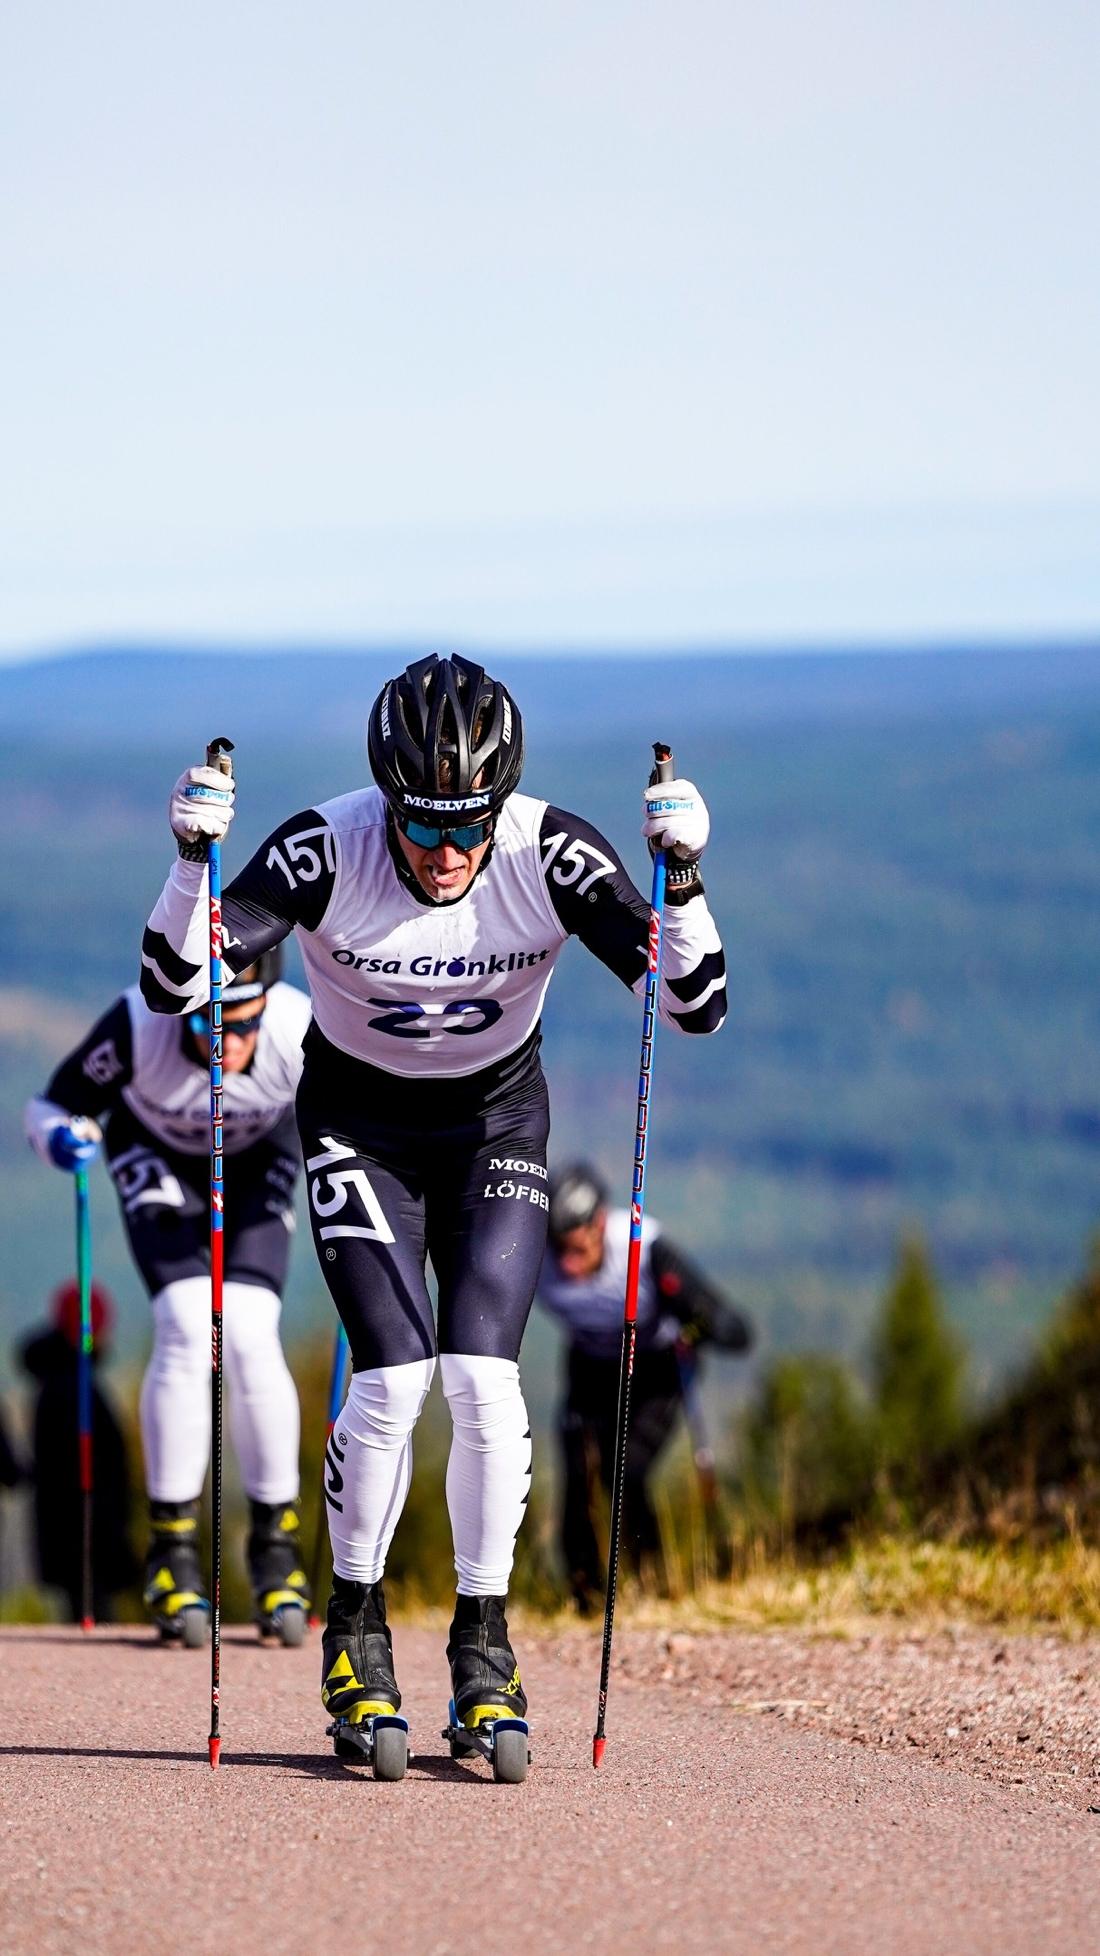 Öyvind Moen Fjeld före Andreas Holmberg och med Daniel Rickardsson skymtande där bakom blev tvåa, trea och fyra. FOTO: TW Media.